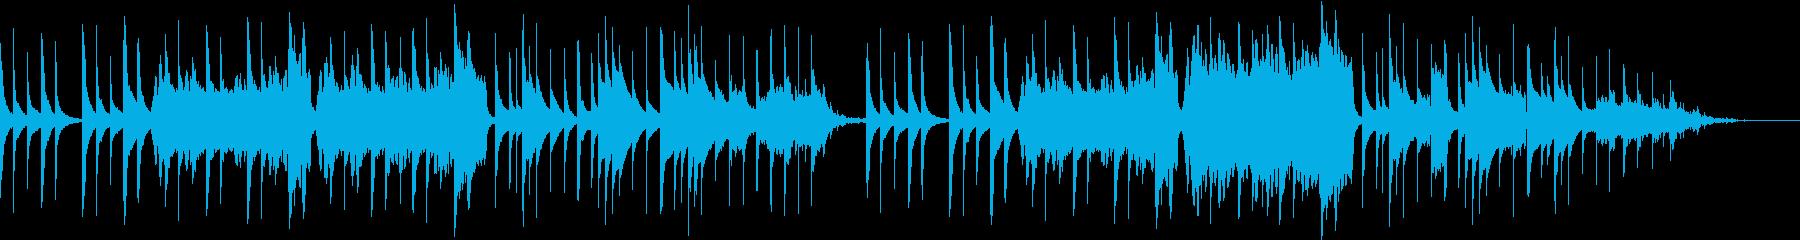 どうぶつの森風 雨の日に合いそうなBGMの再生済みの波形